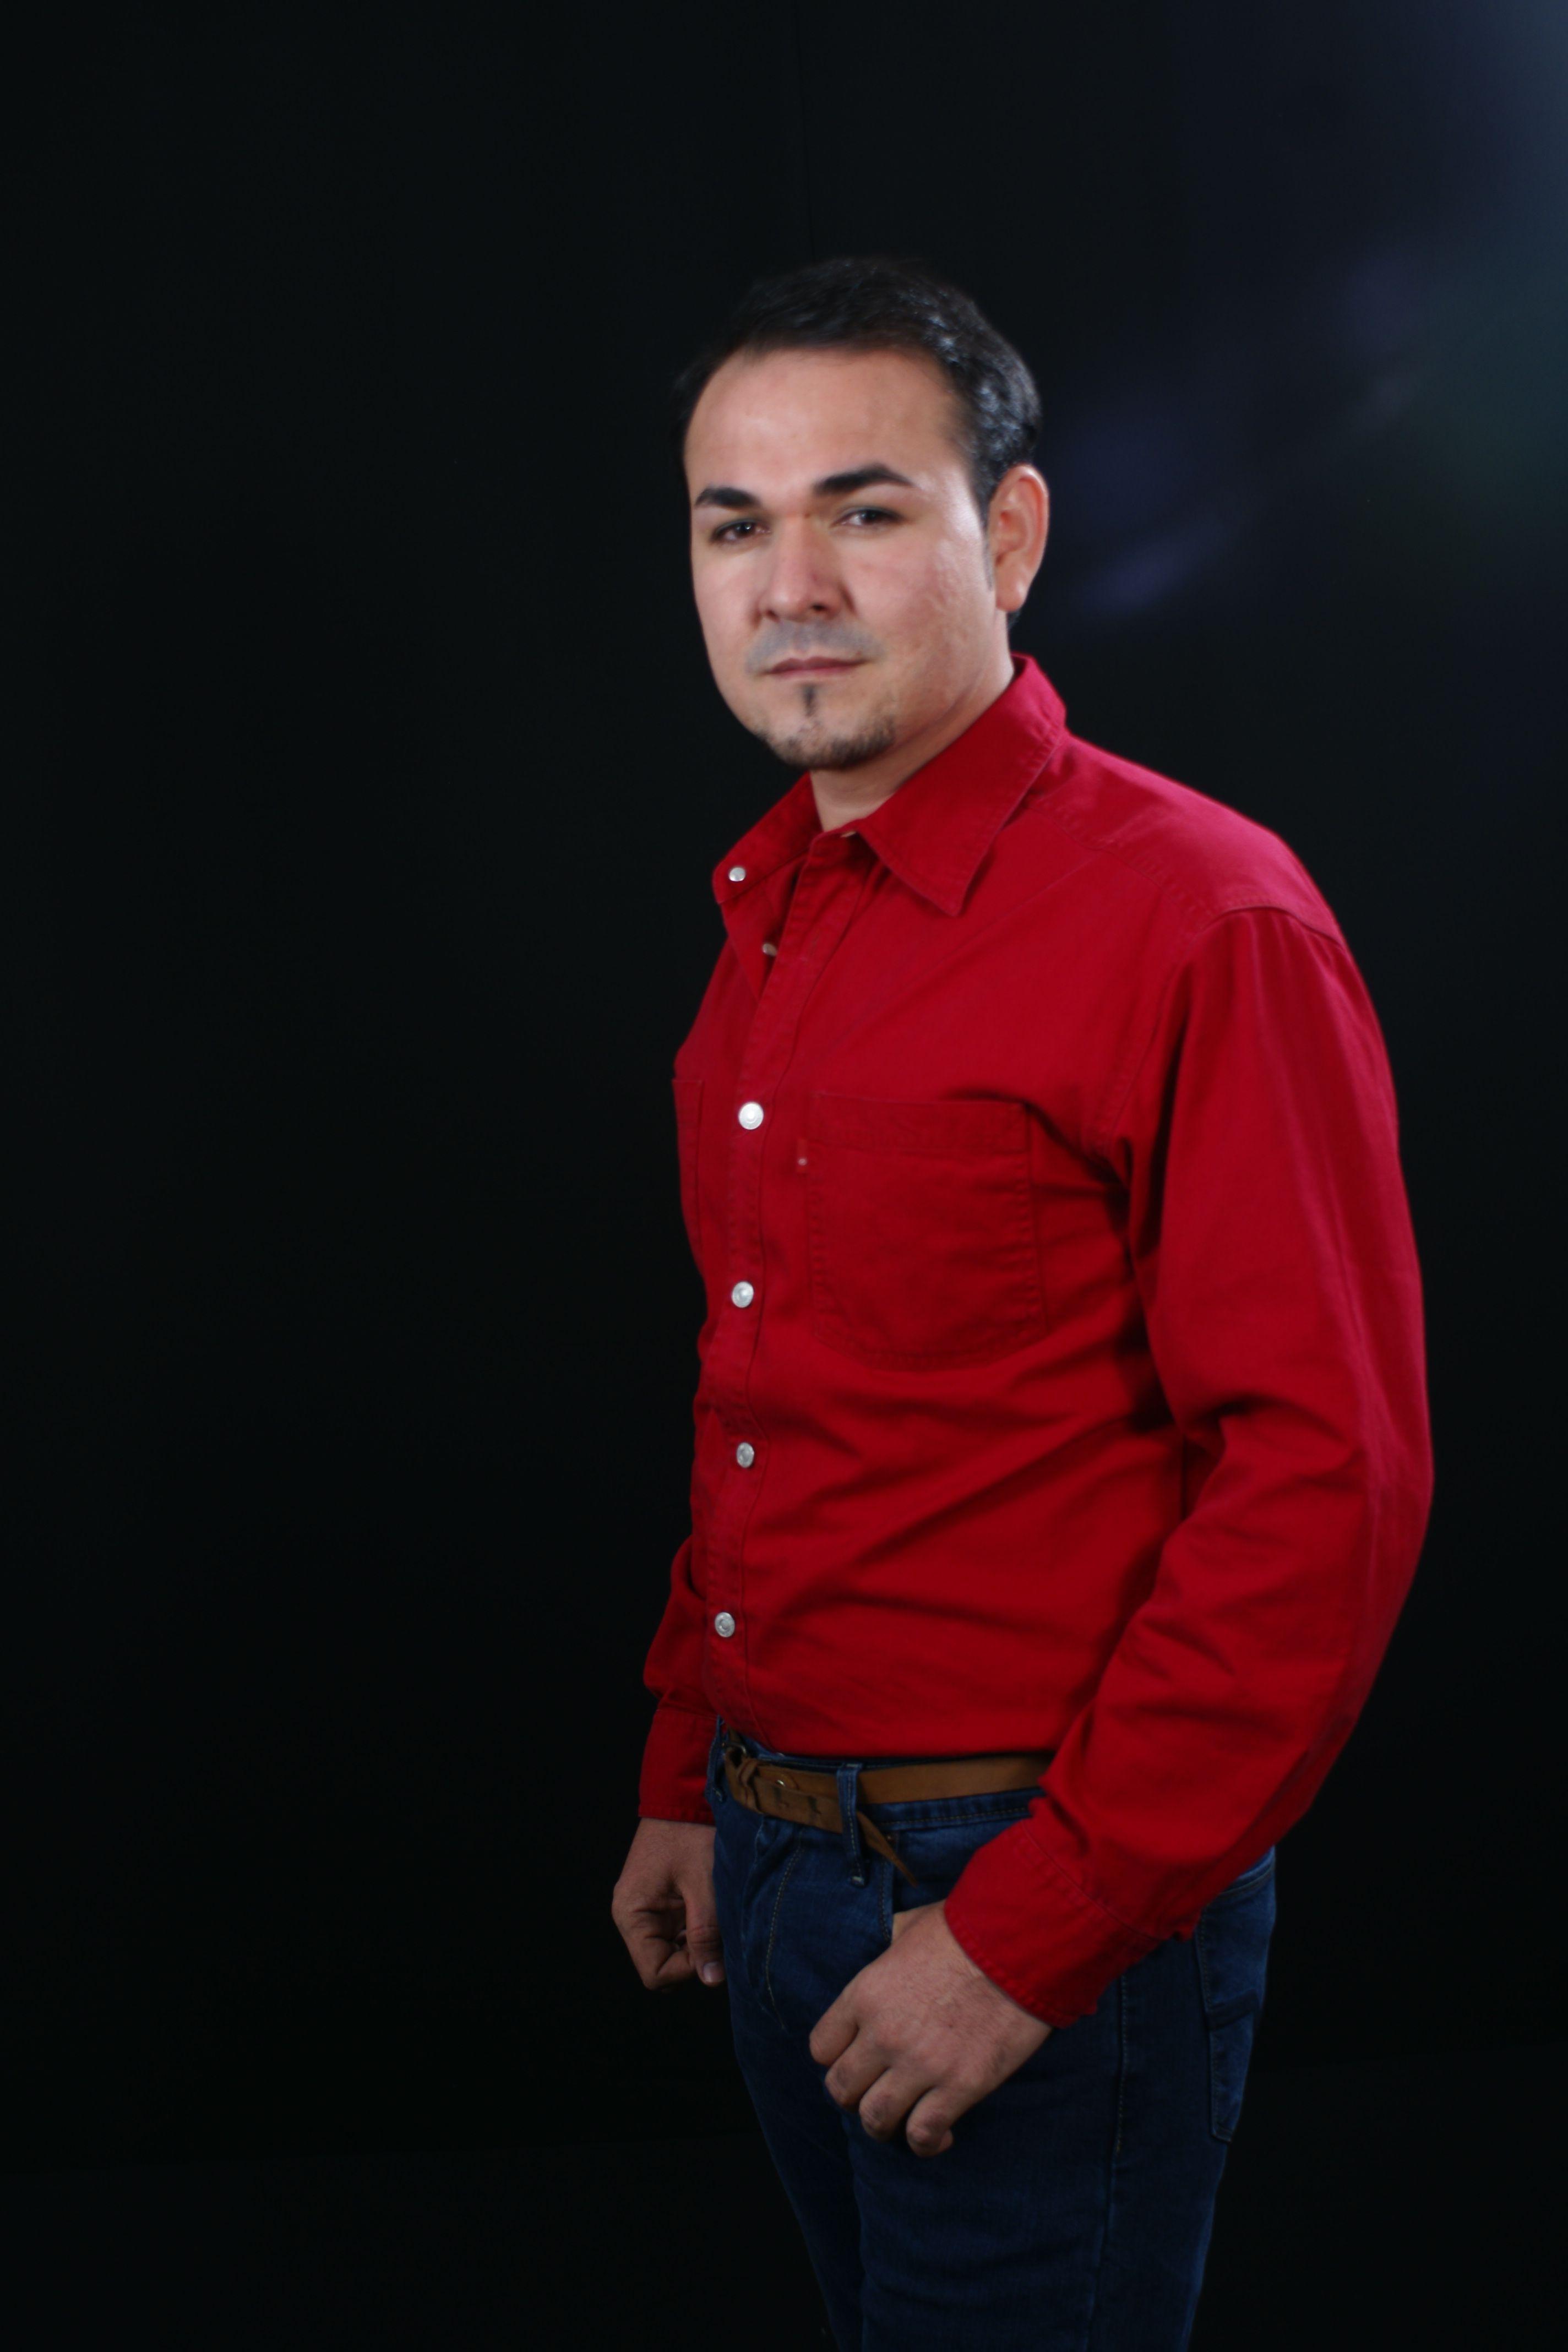 selección mundial de venta más caliente estética de lujo Camisa roja Pantalon azul   Moda y gustos.   Camisa roja ...